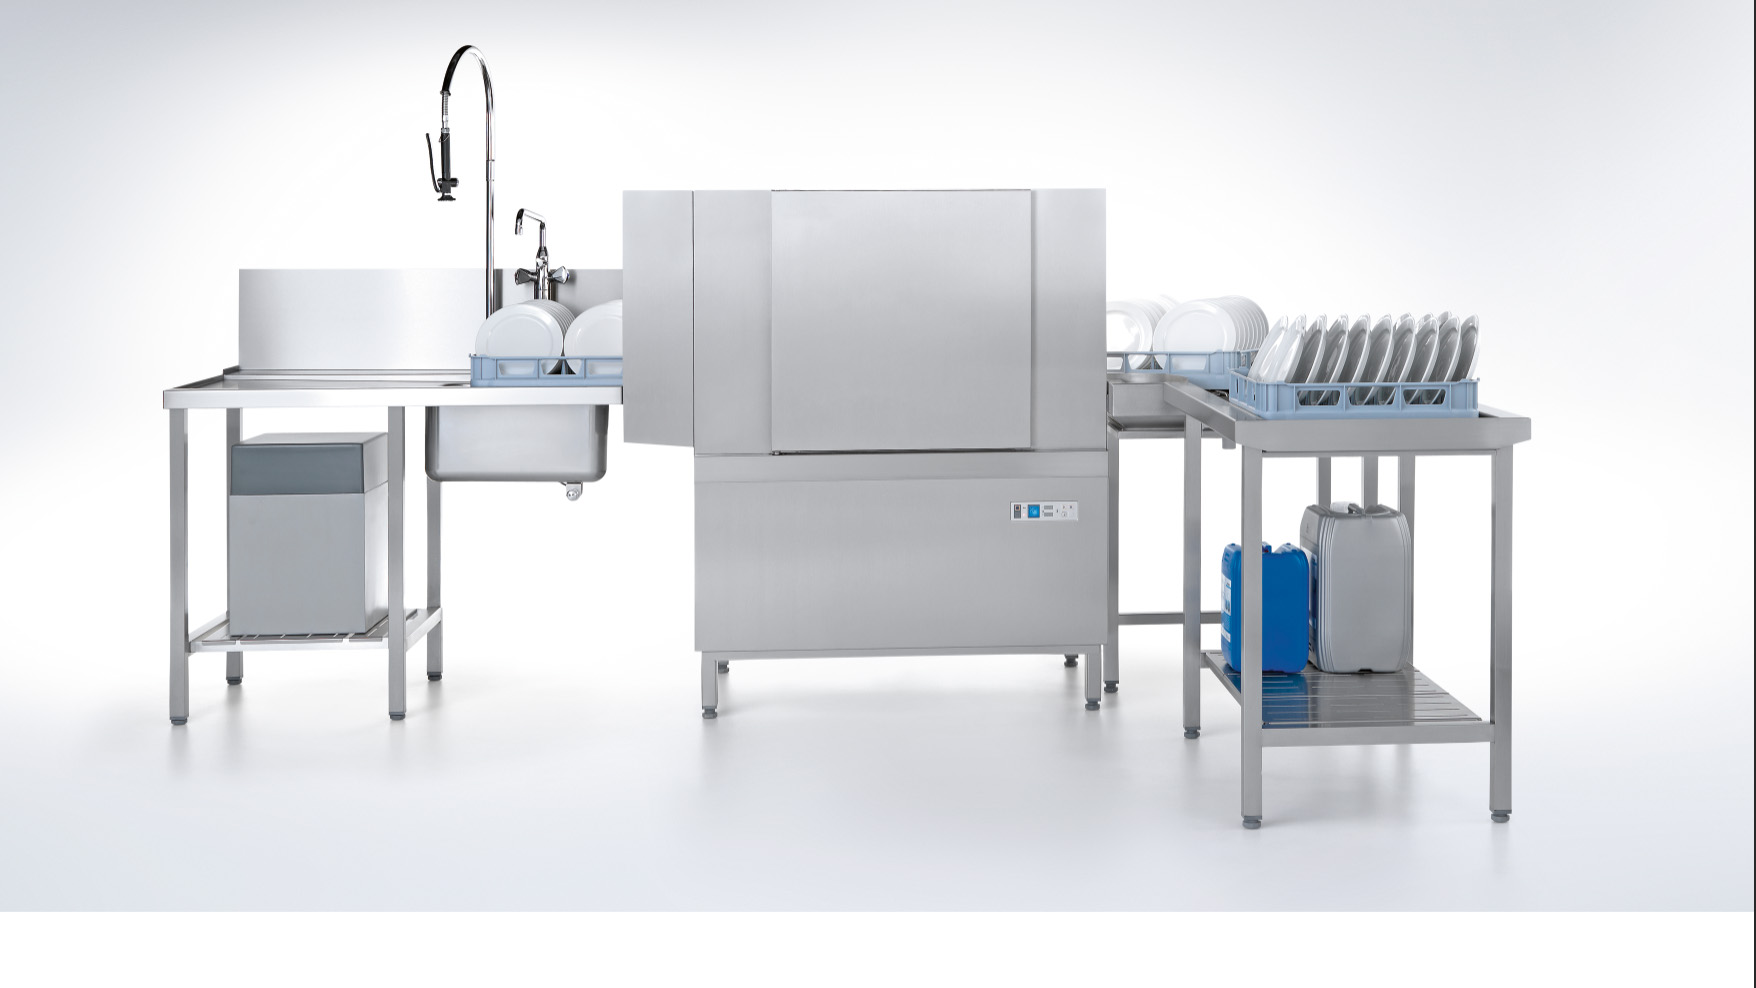 通道式洗碗机CN200